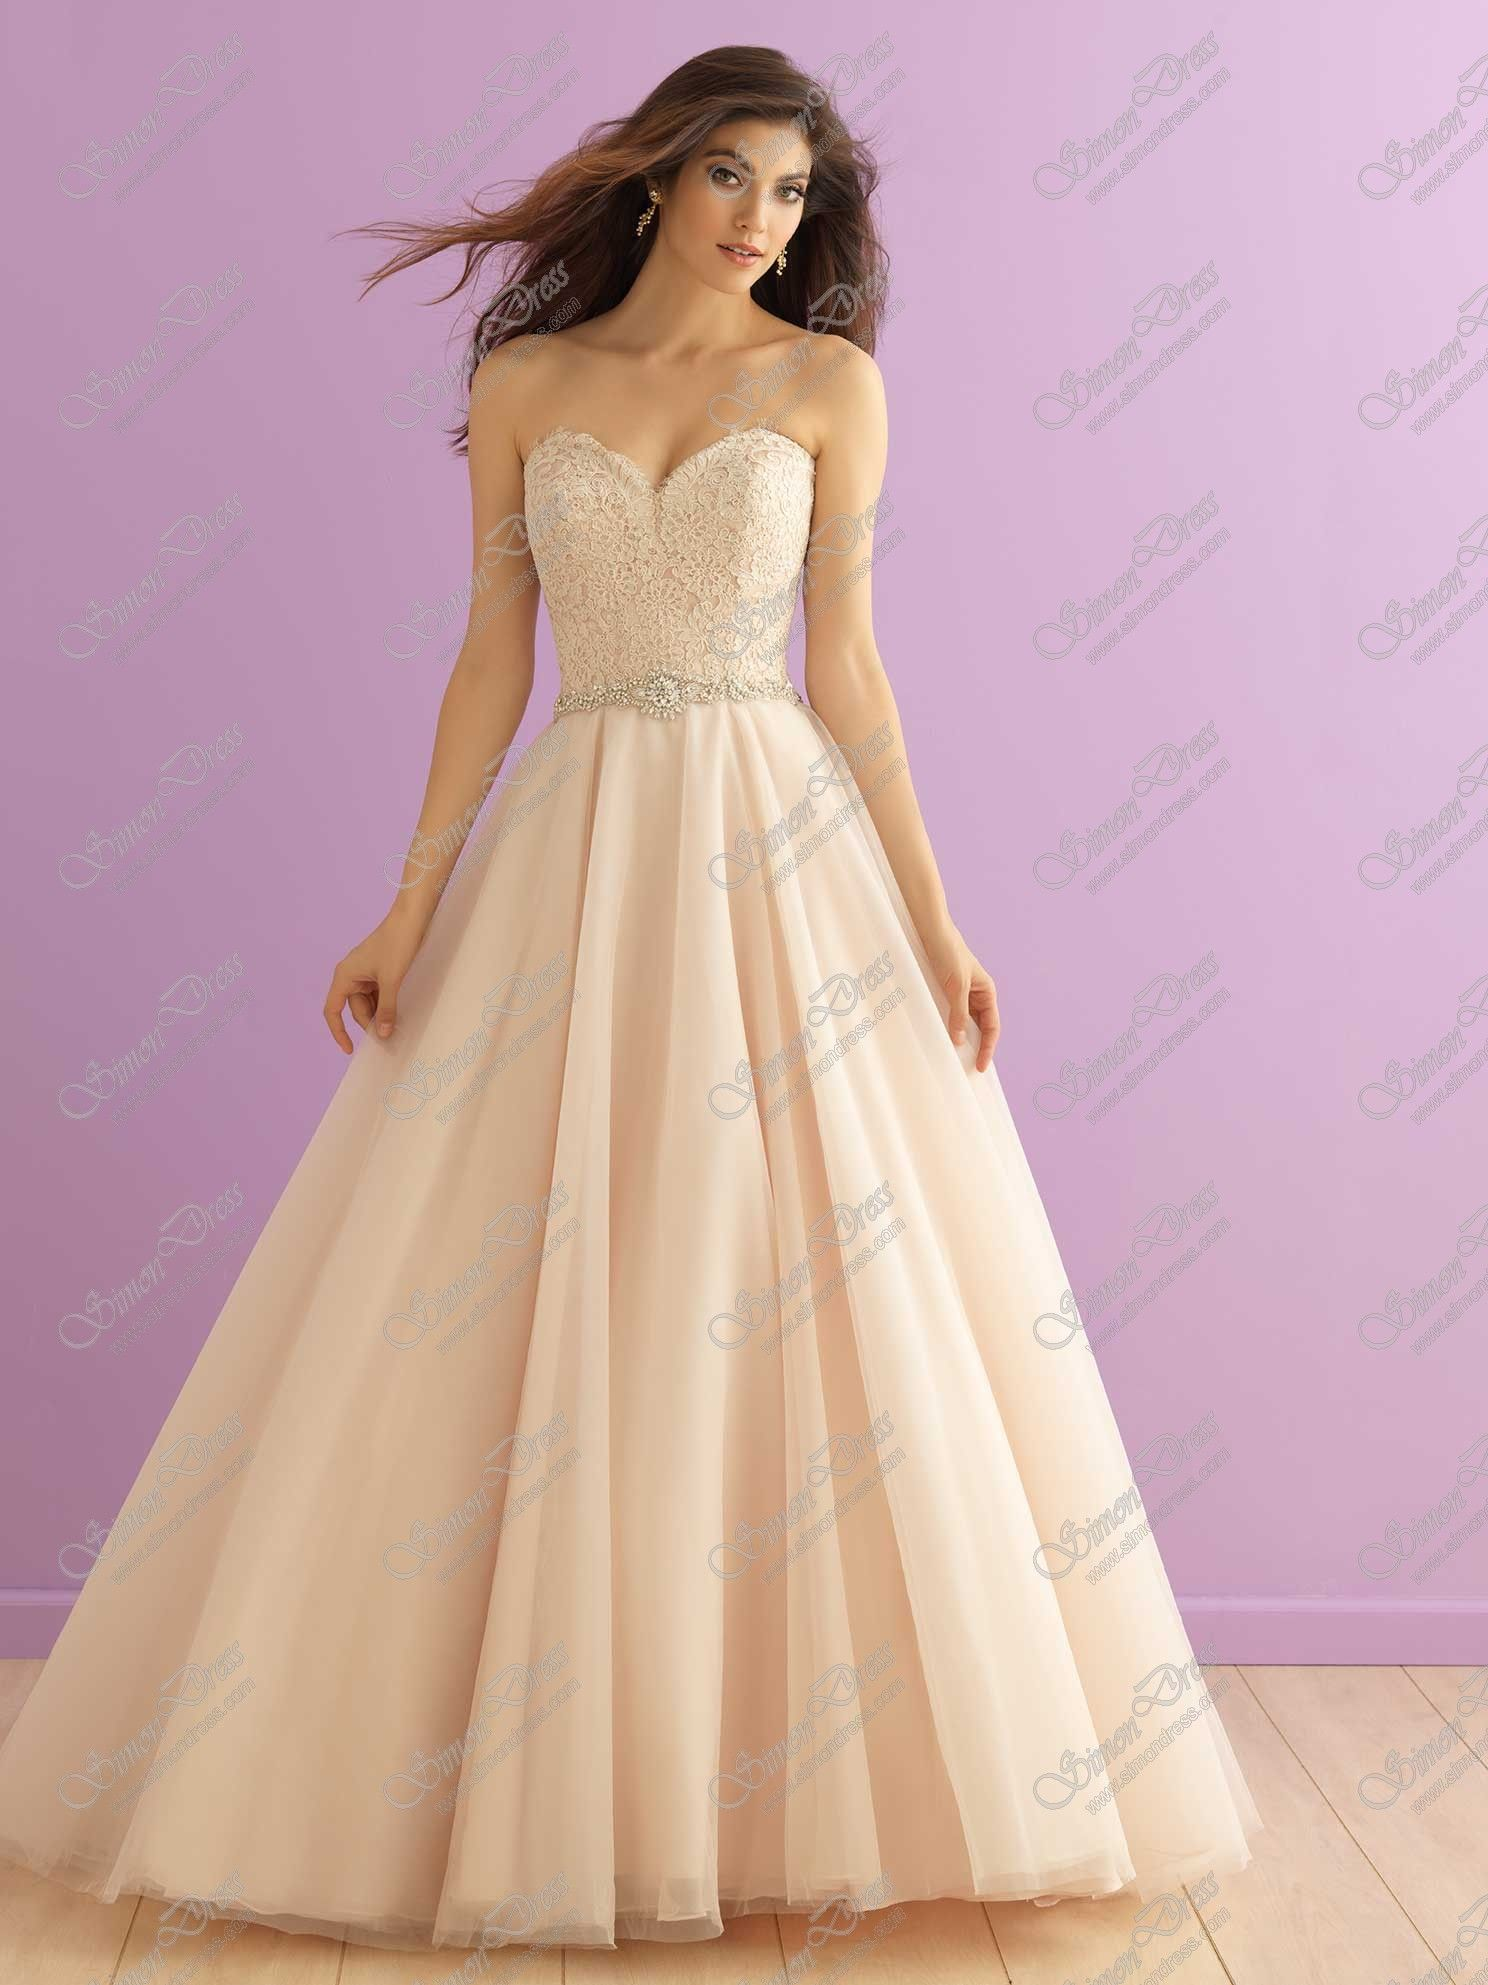 Allure Bridals Wedding Dress Style 2915